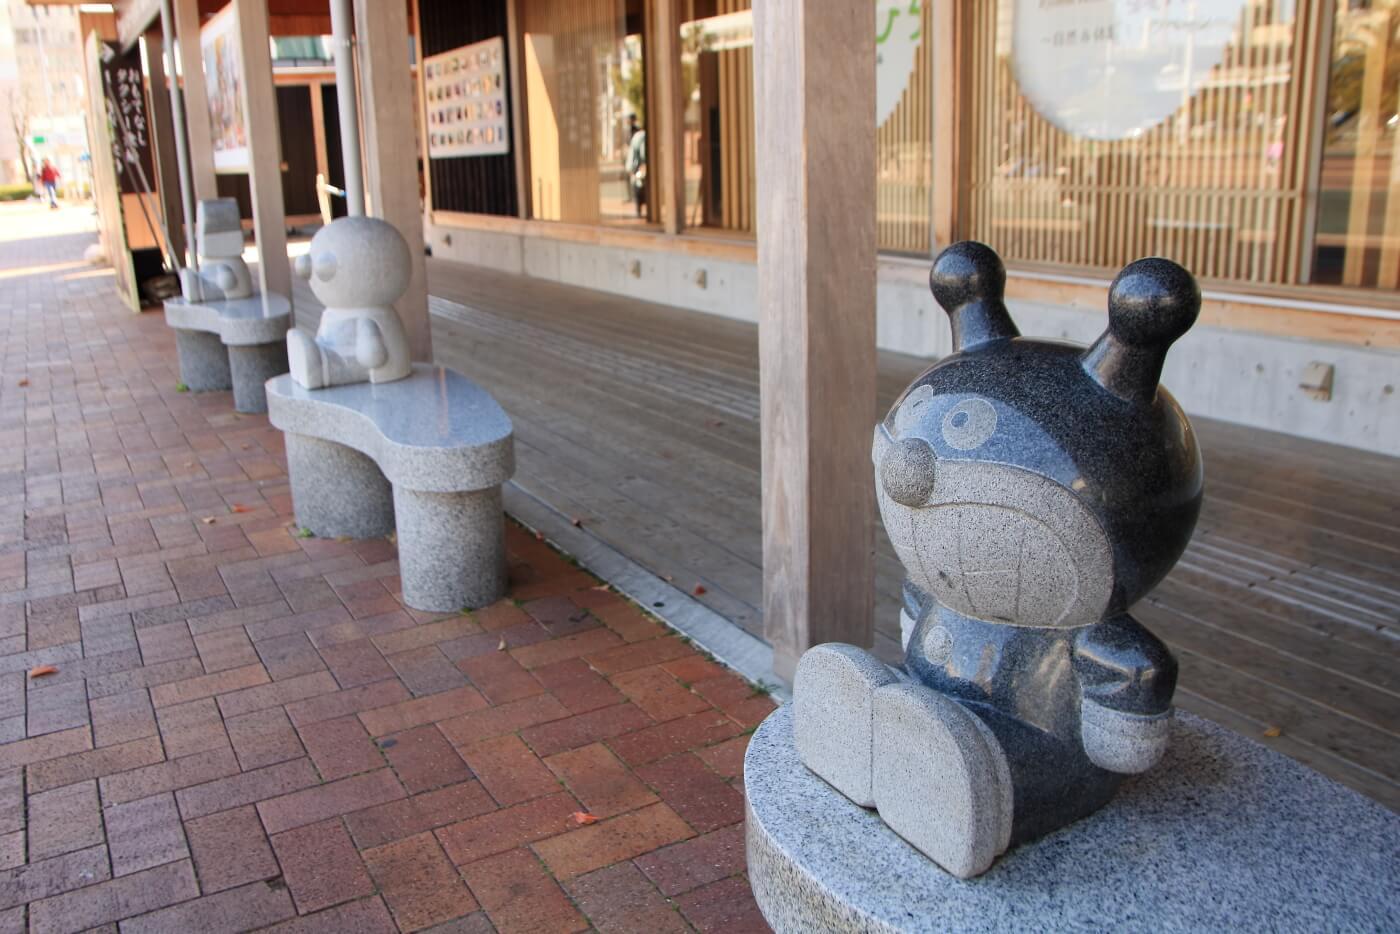 高知駅 こうち旅広場 とさてらす前のアンパンマンキャラクターベンチ